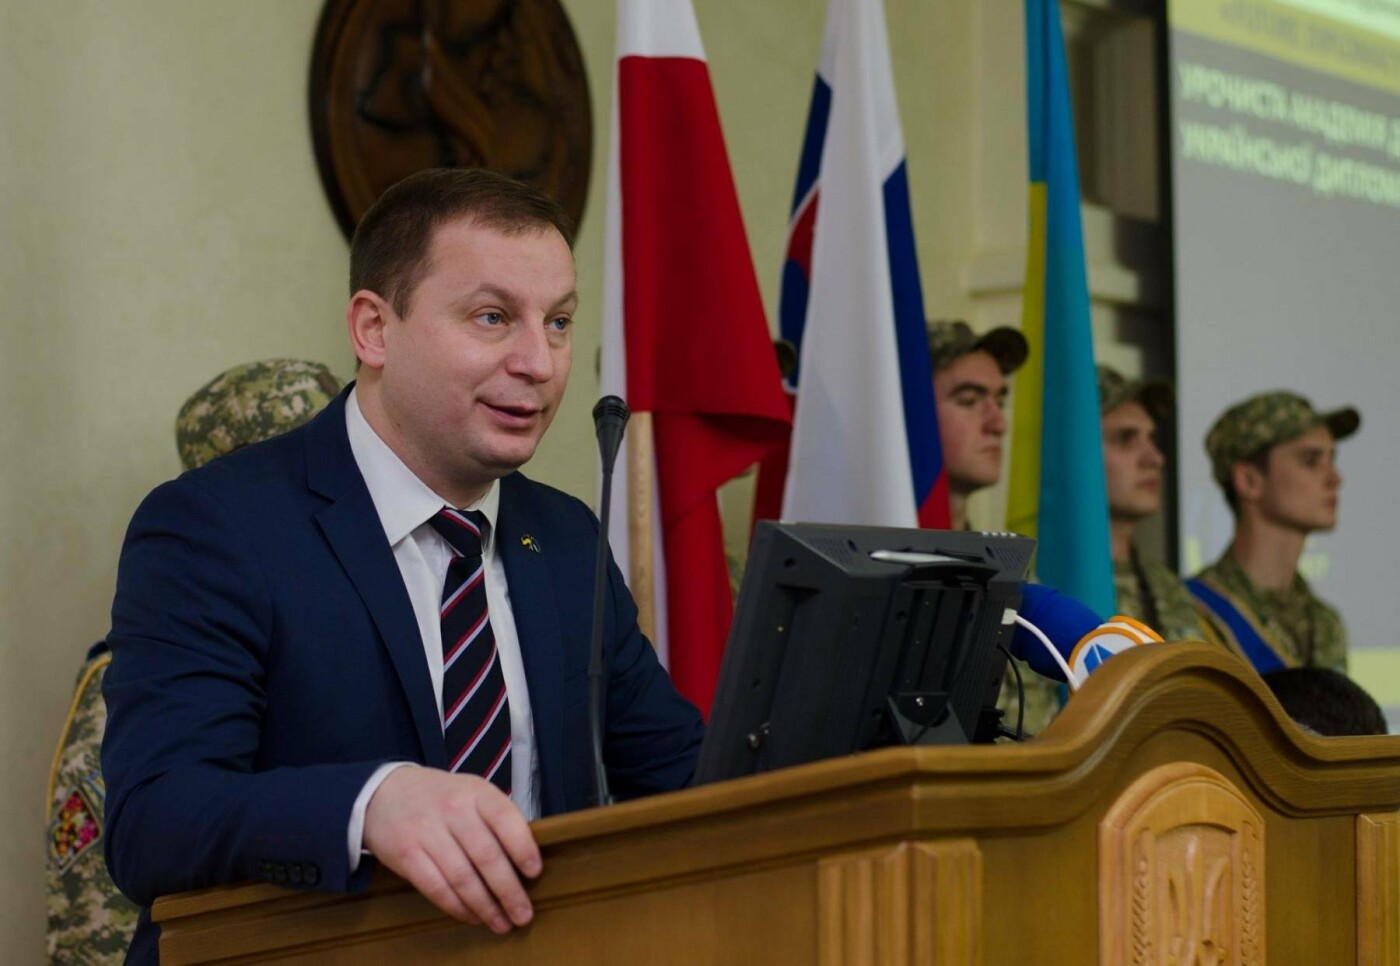 Степан Барна взяв участь у дипломатичному форумі з нагоди 100-річчя української дипломатії (фото), фото-2